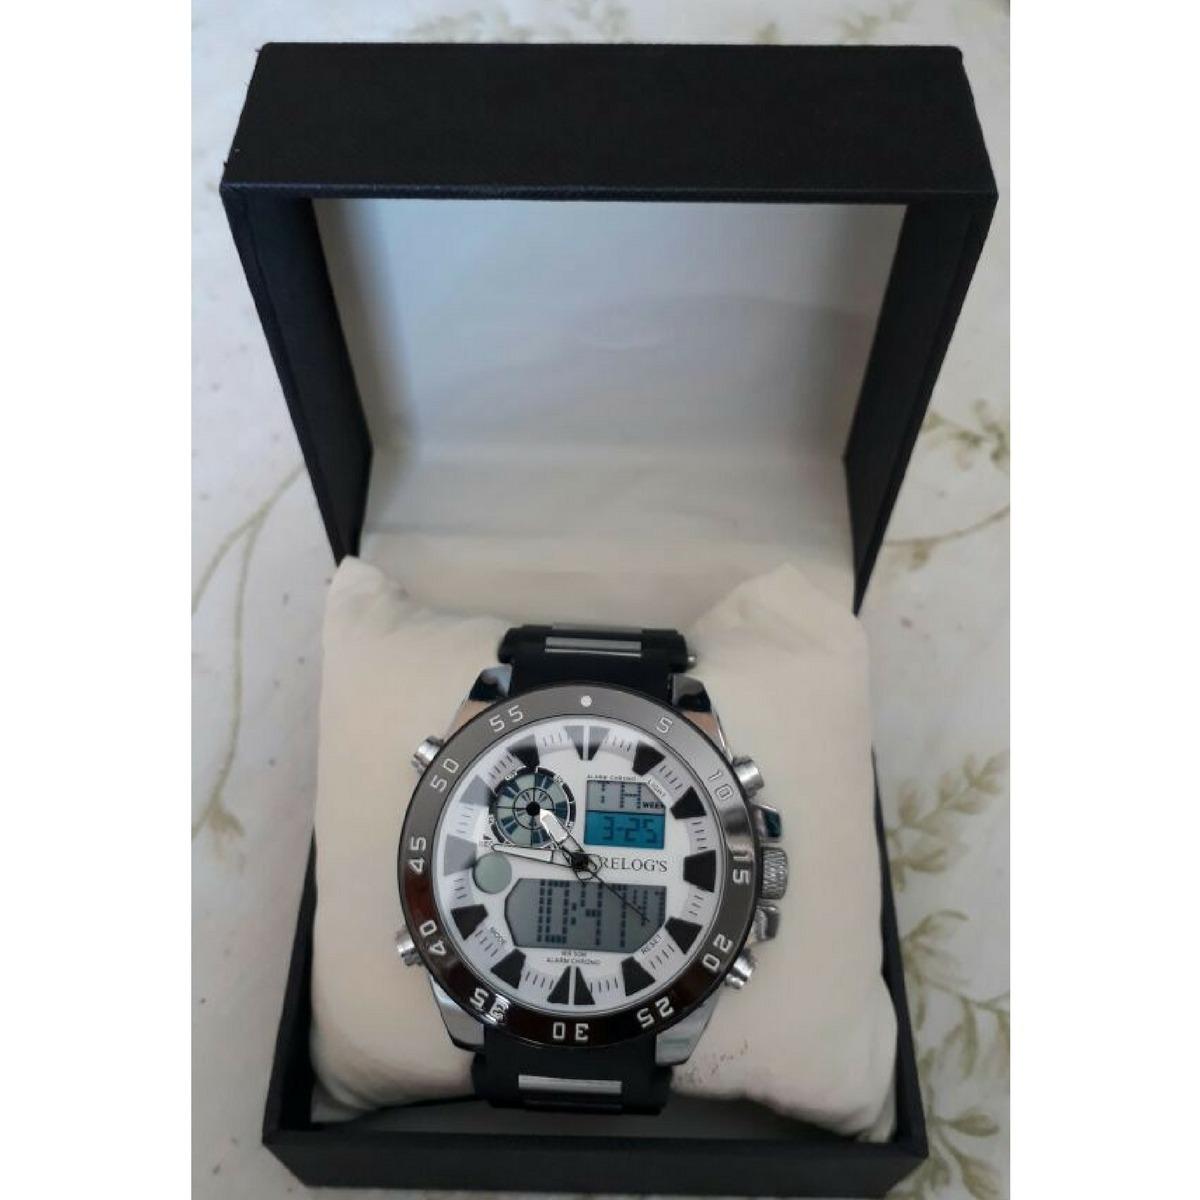 9f3cc058507 relógio masculino relog s modelo rr8308 - frete grátis. Carregando zoom.